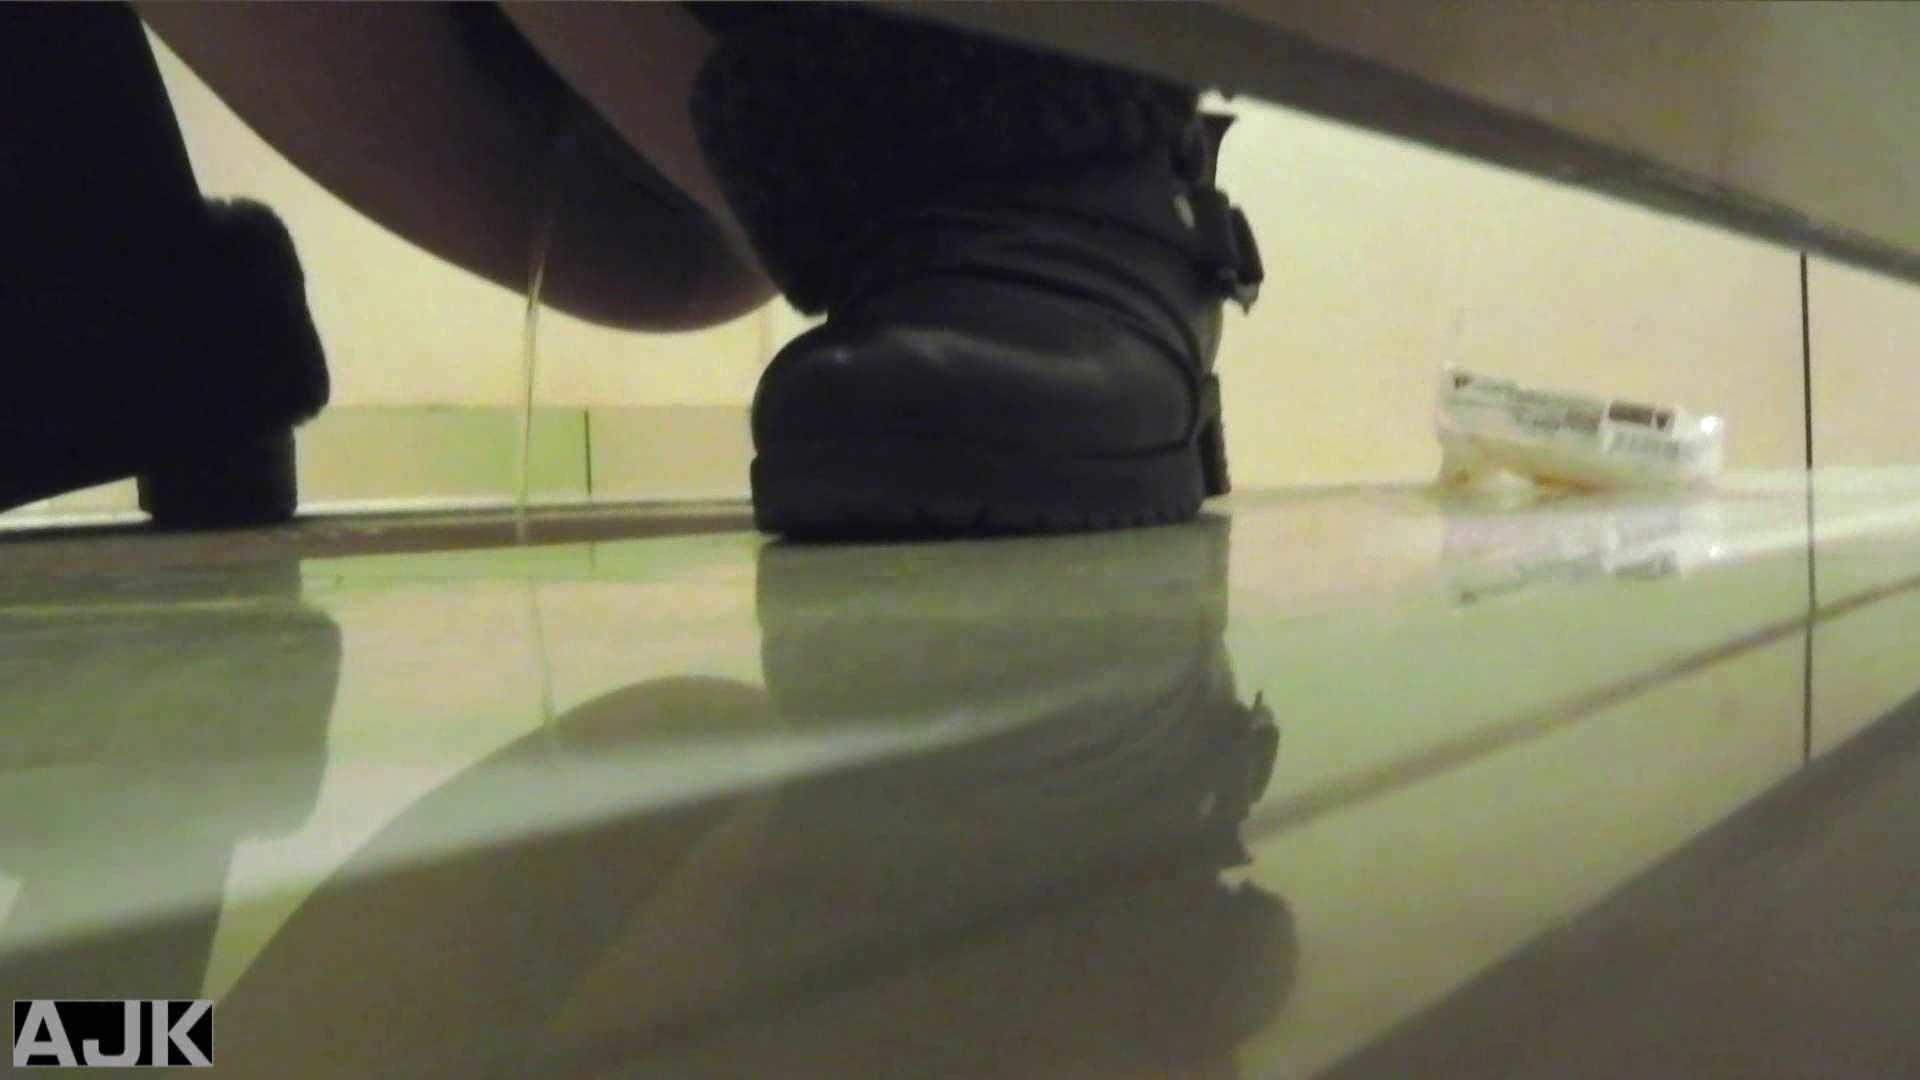 隣国上階級エリアの令嬢たちが集うデパートお手洗い Vol.14 女子トイレ アダルト動画キャプチャ 96枚 20